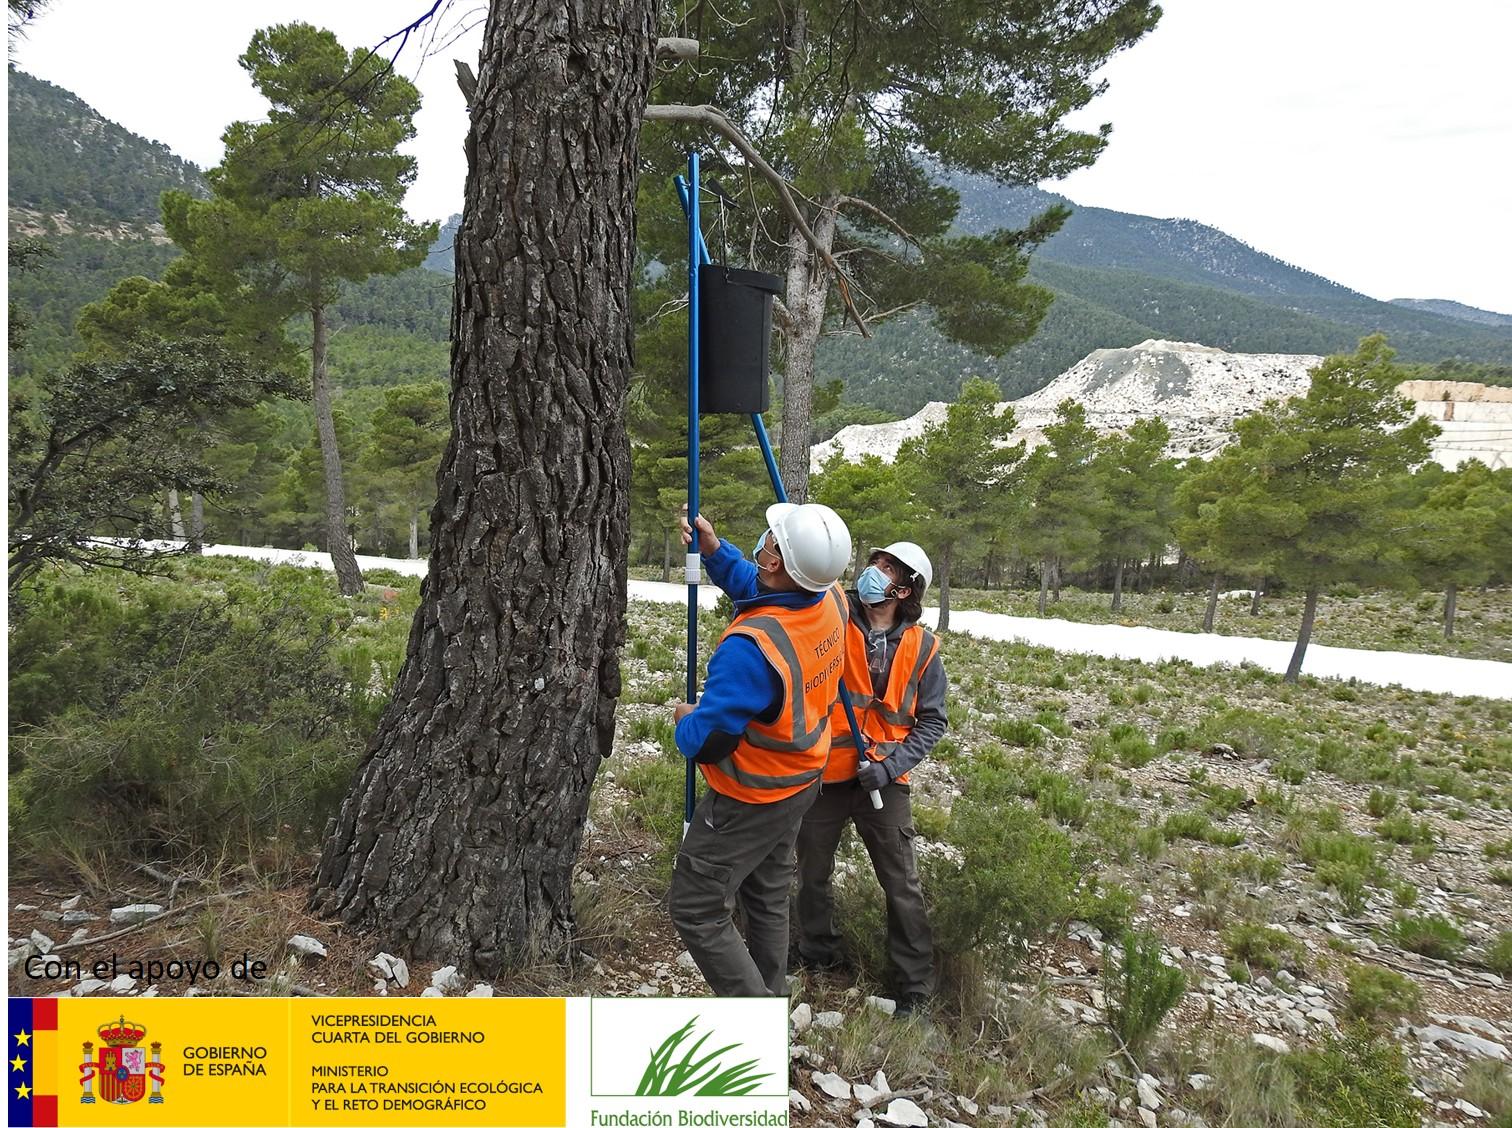 Fomentamos la biodiversidad a través de la colocación de refugios para quirópteros dentro del proyecto Marble & Biodiversity